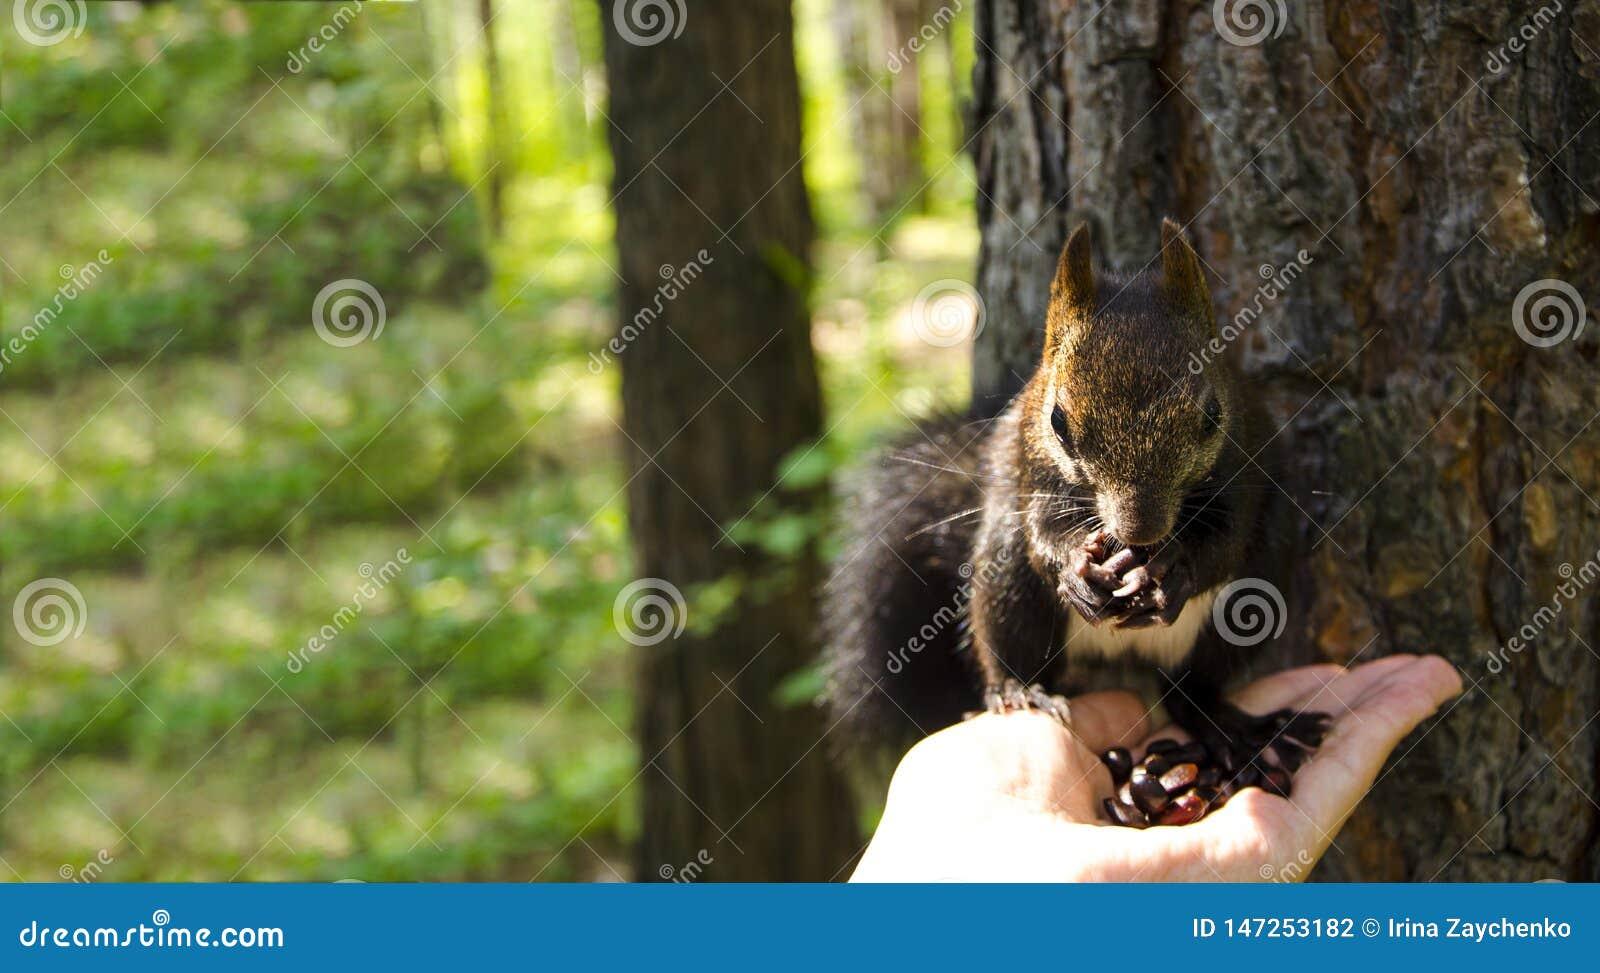 De eekhoorn eet De eekhoorn neemt de noten van zijn handen